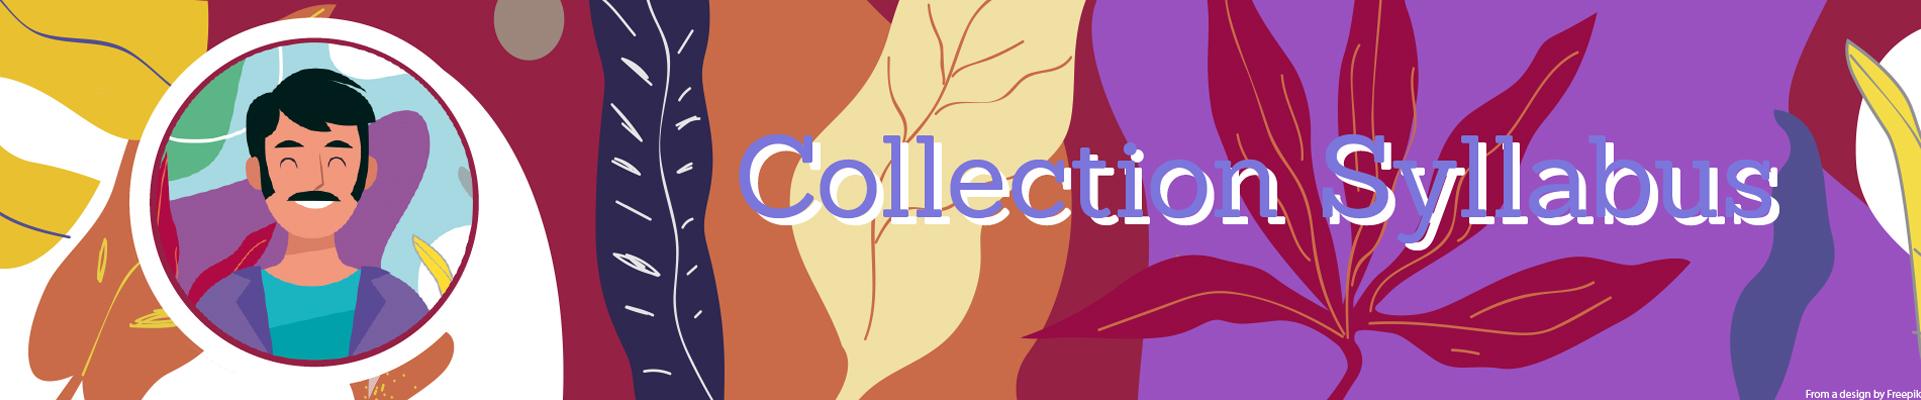 Collection Syllabus